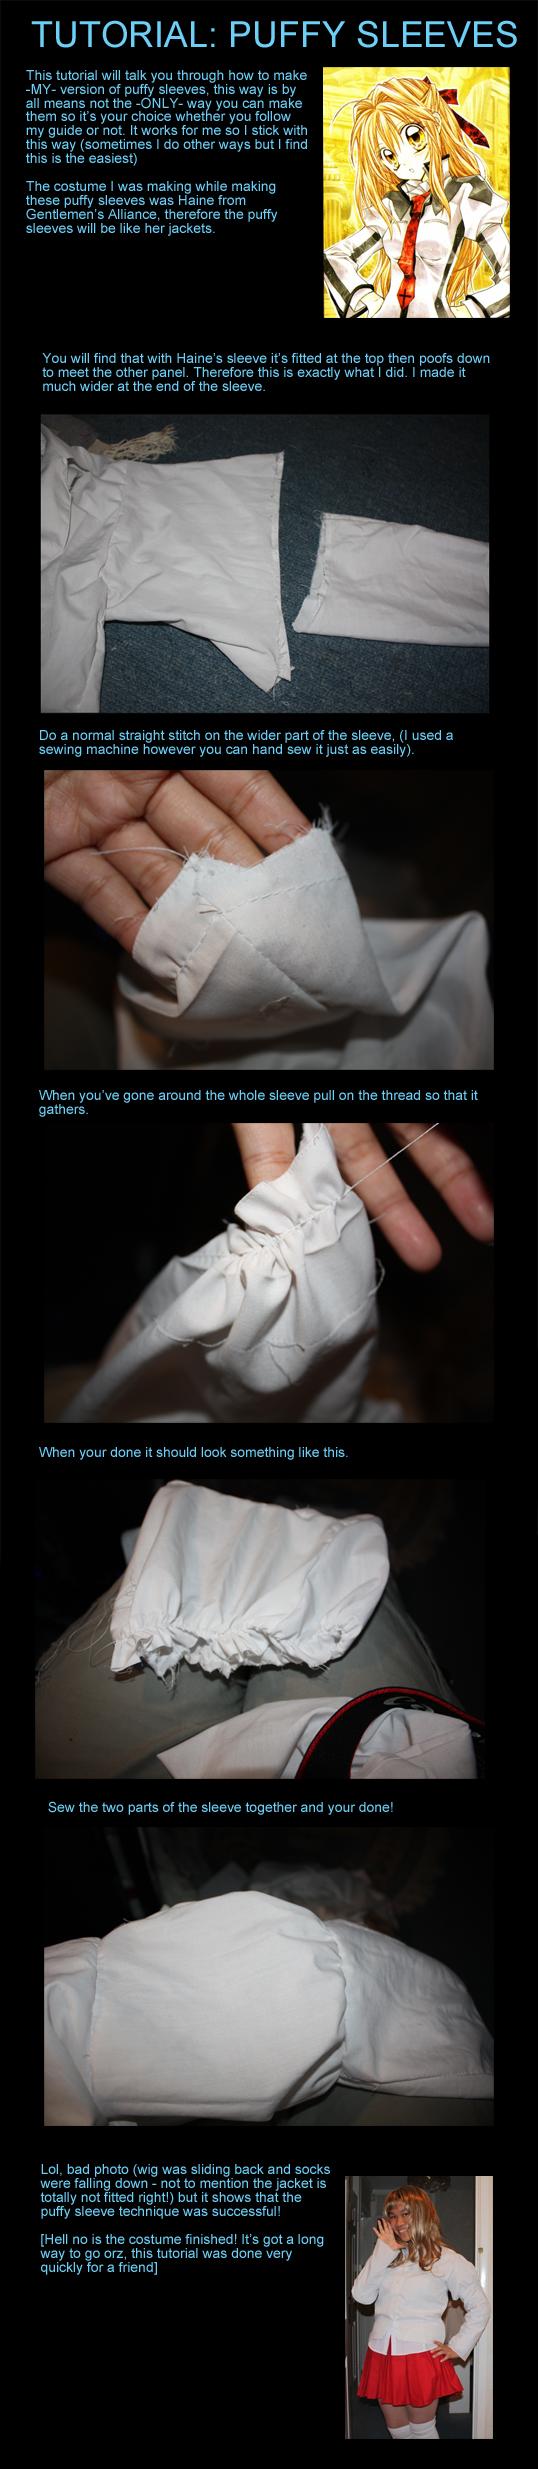 Tutorial: Puffy sleeves